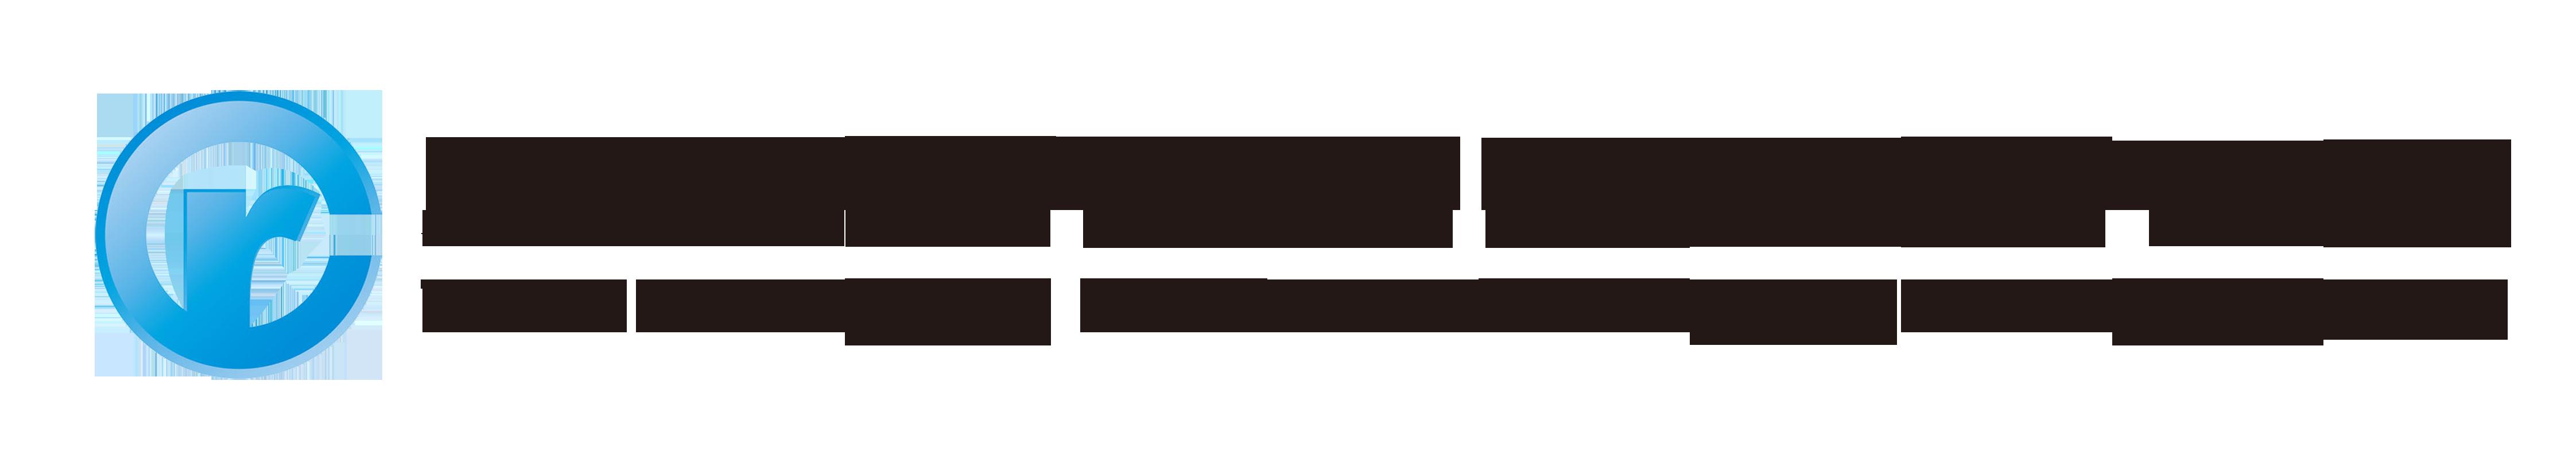 天津潤成信息安全技術檢測有限公司